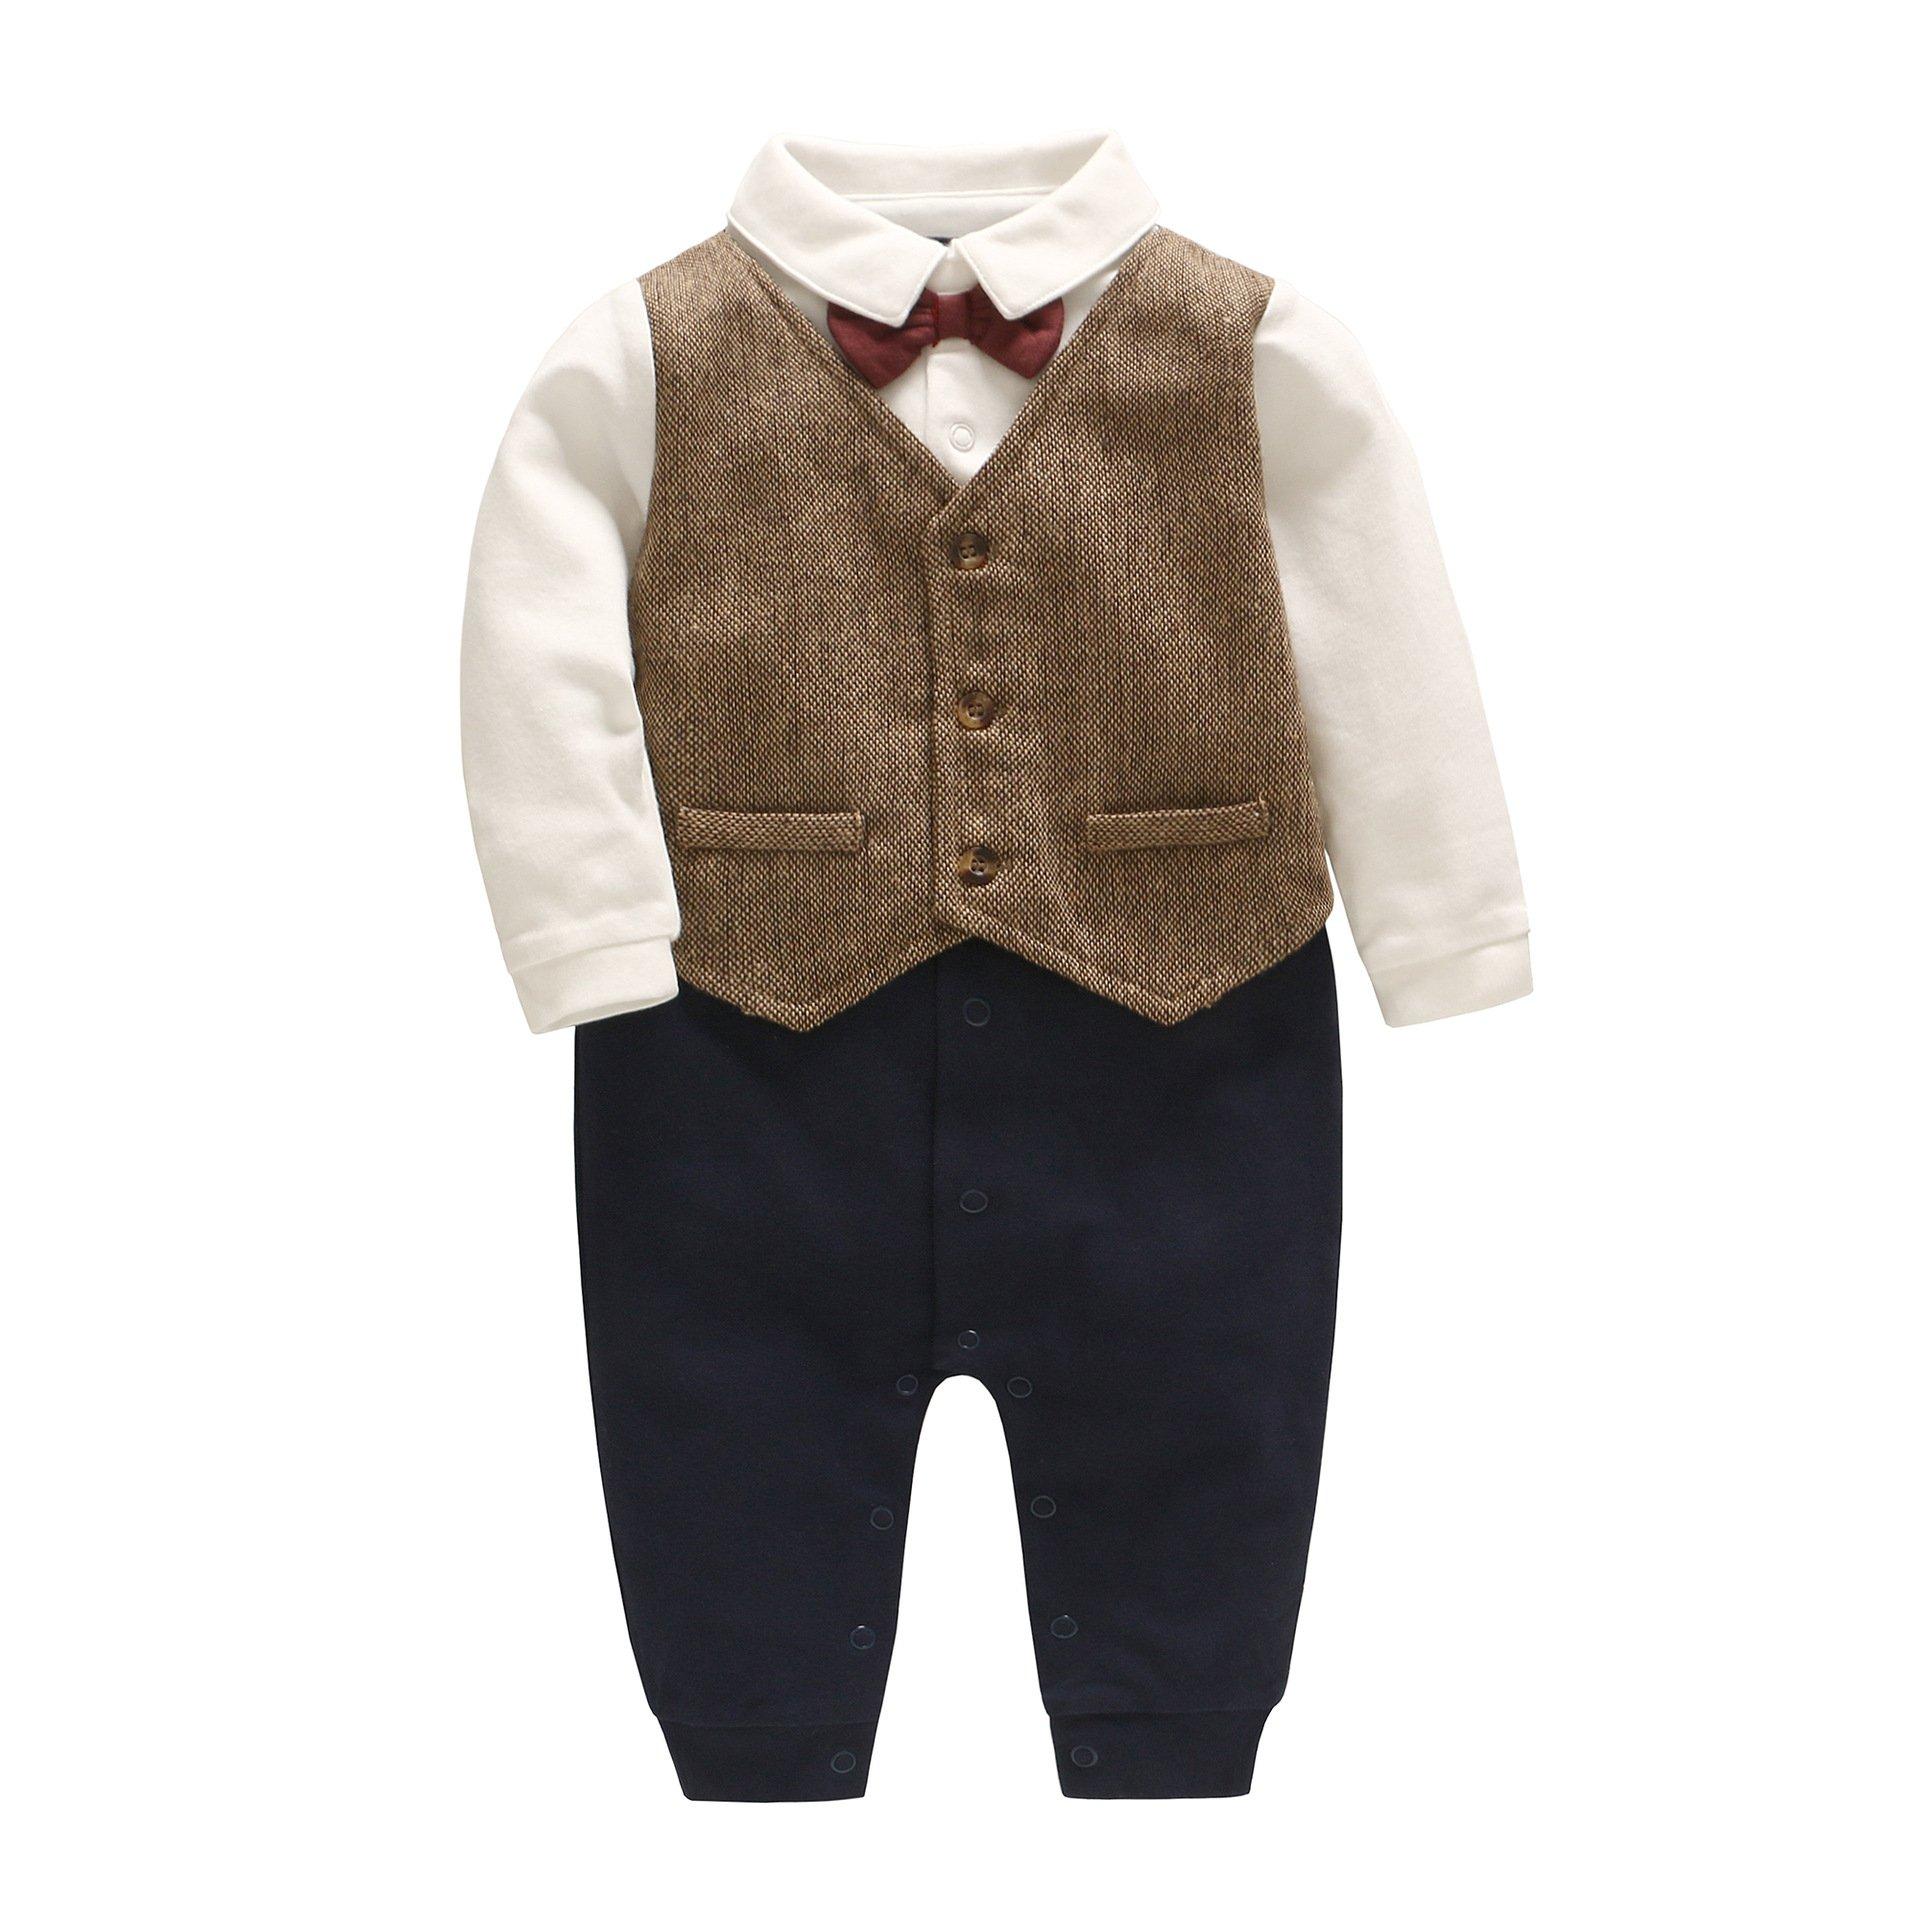 Feidoog Newborn Gentleman One Piece Long Sleeve Baby Boys Gentleman Formal Tuxedo Outfit Suit